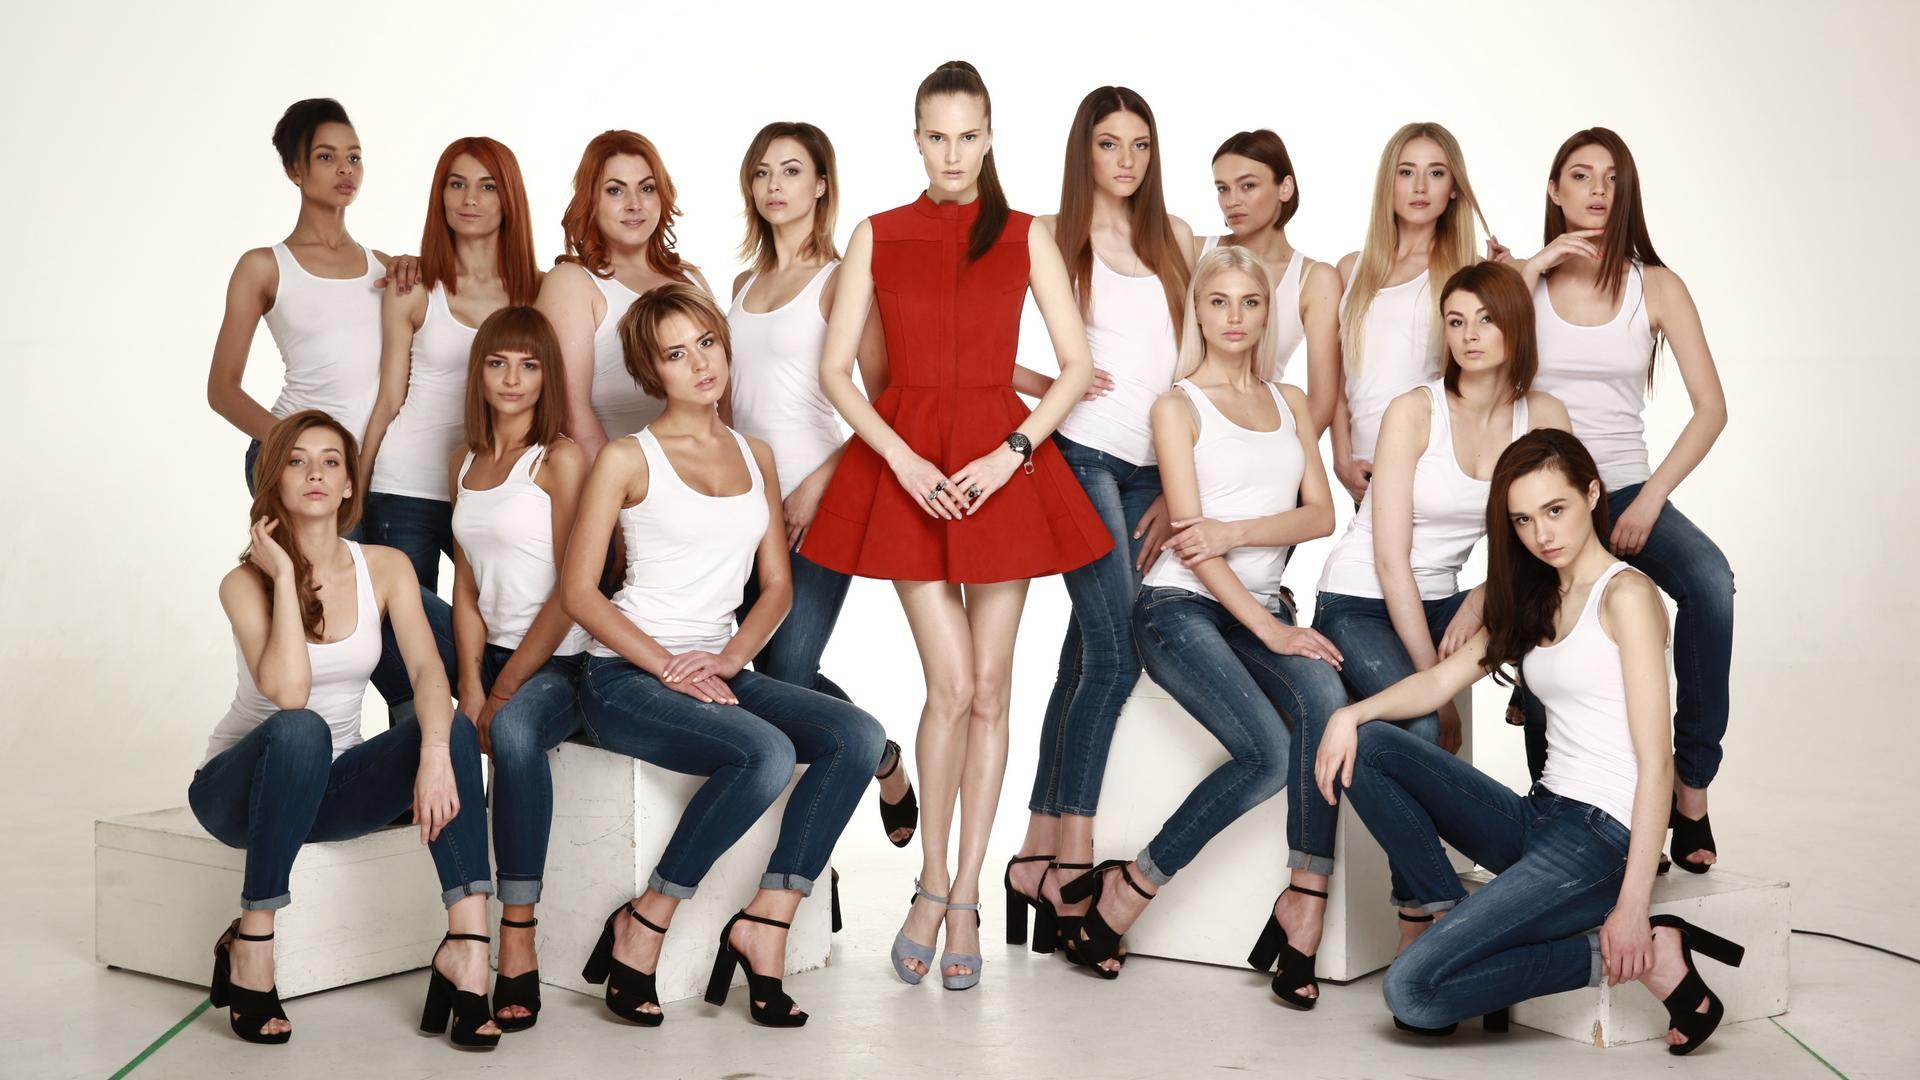 Биография участников фотомодели по украински